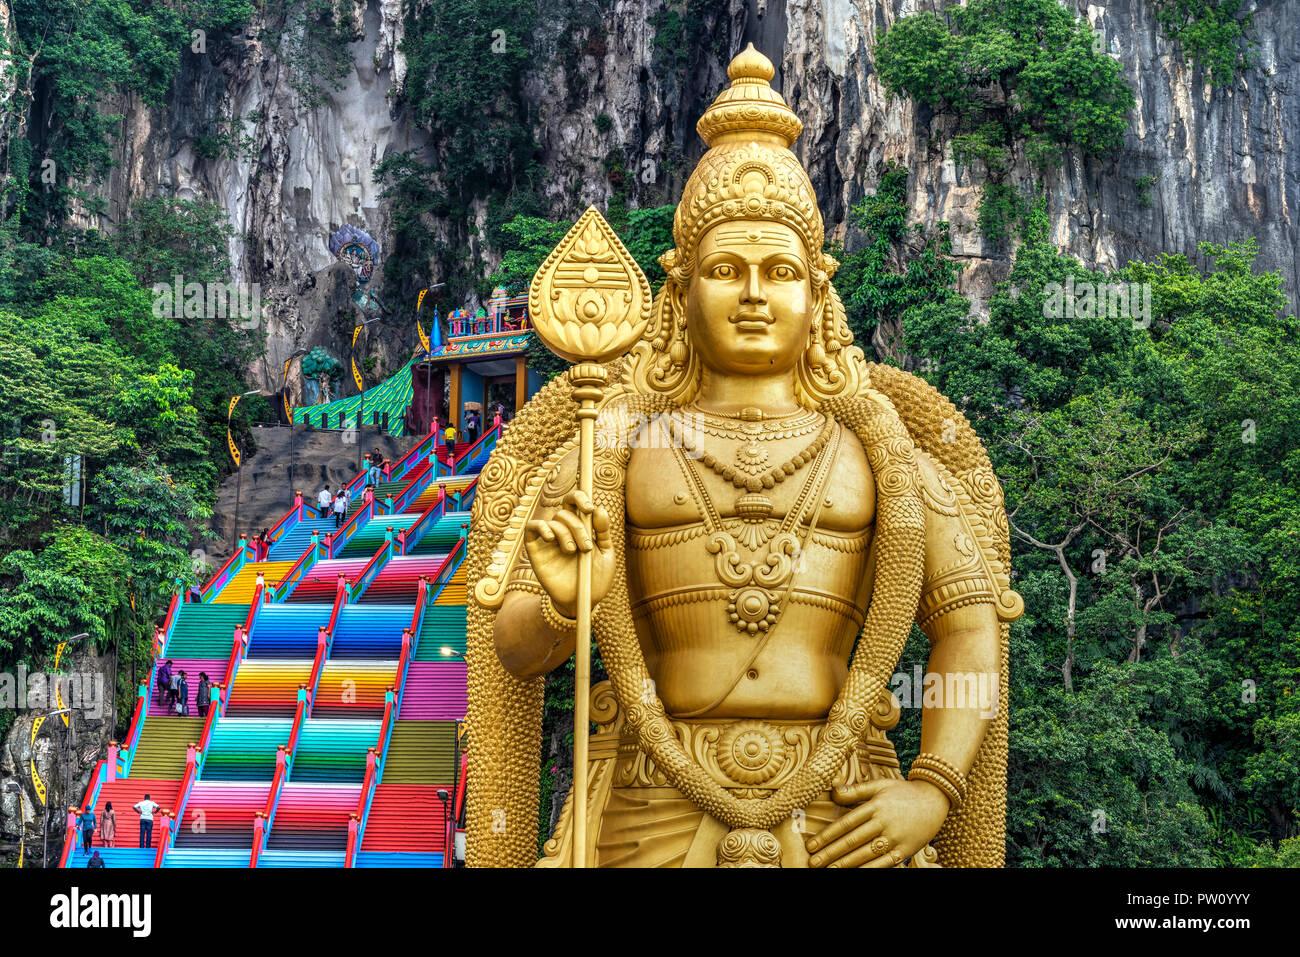 Entrada a las Cuevas Batu con la estatua de Murugan, Selangor, Kuala Lumpur, Malasia Foto de stock